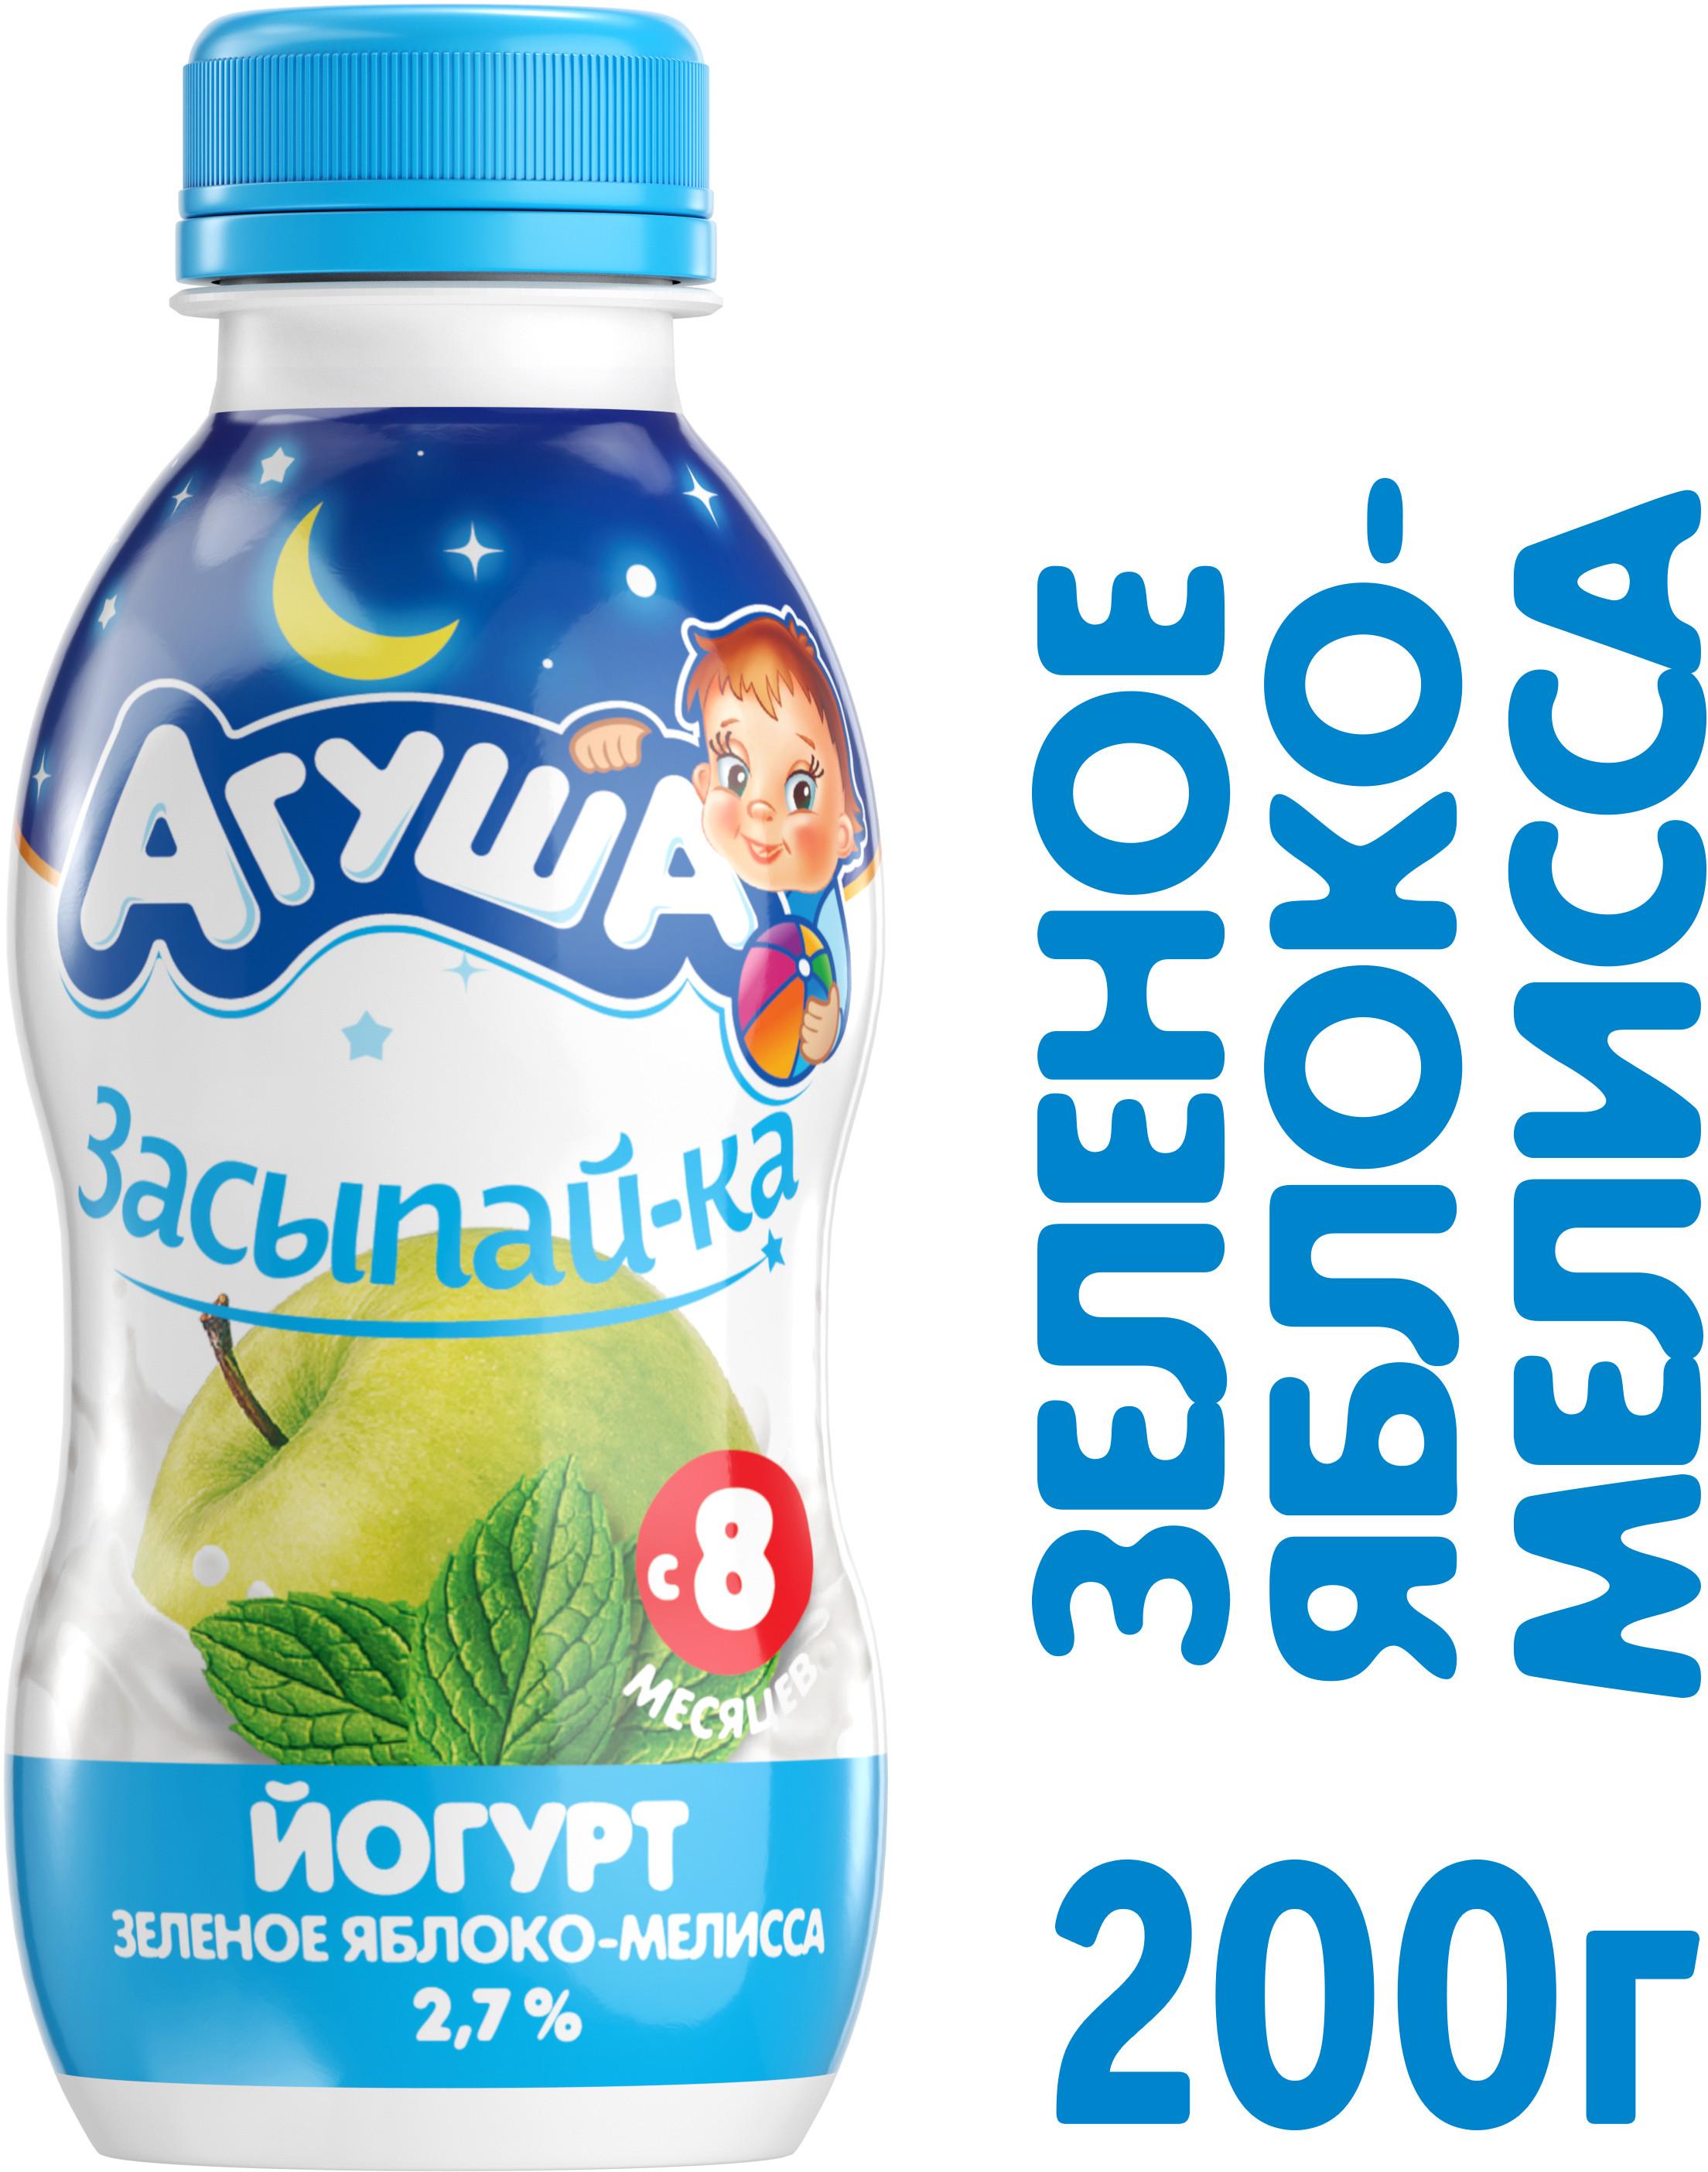 Йогурт Вимм-Билль-Данн Агуша питьевой «Засыпай-ка» Зеленое яблоко-мелисса 2,7% с 8 мес. 200 мл йогурт вимм билль данн агуша классический 3 1% с 8 мес 200 г